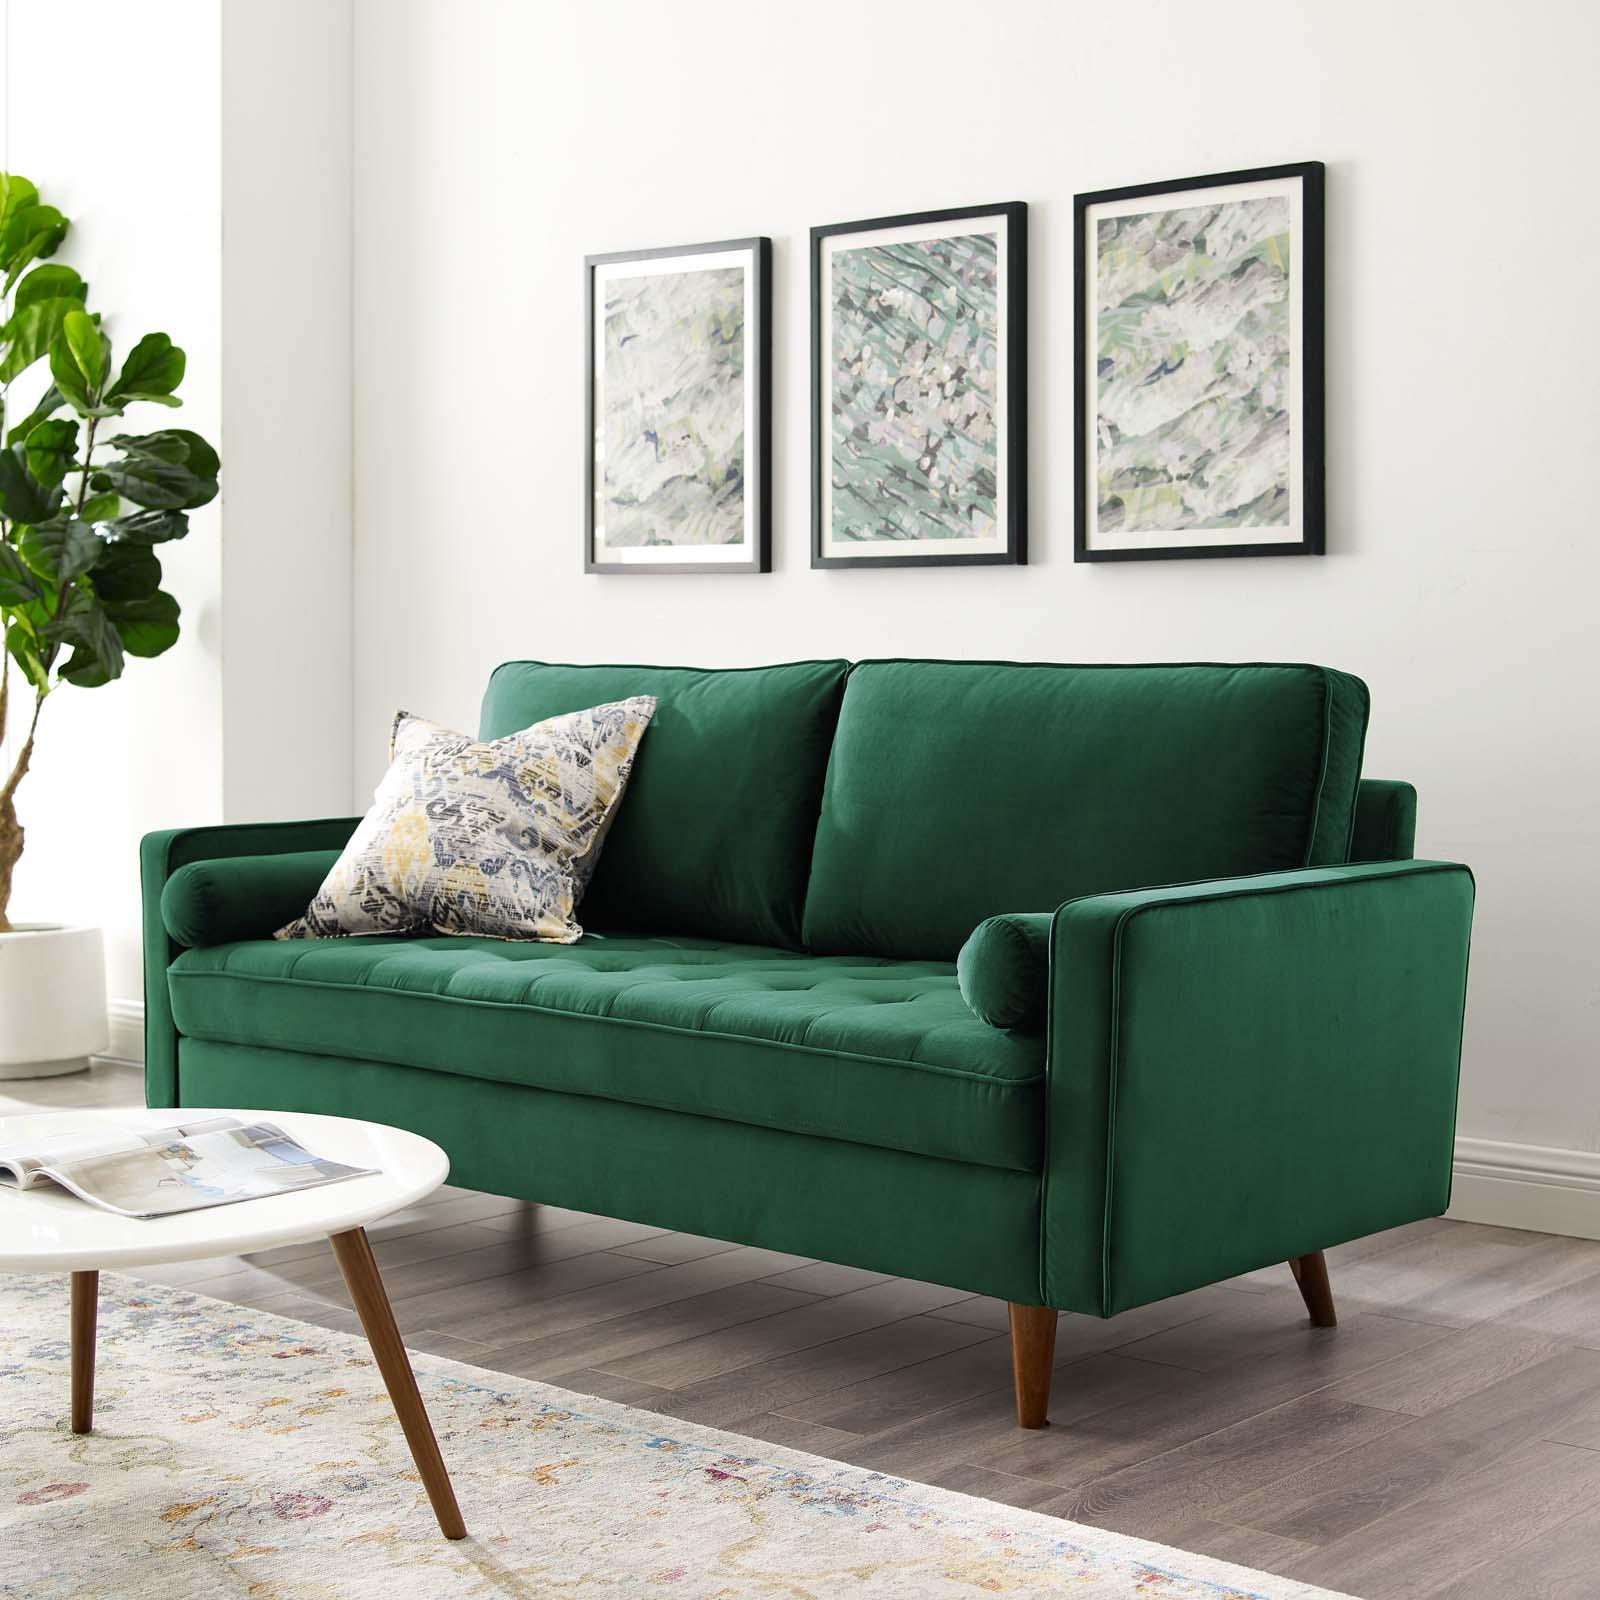 Valour Performance Velvet Sofa Green Throughout Popular French Seamed Sectional Sofas In Velvet (View 2 of 20)